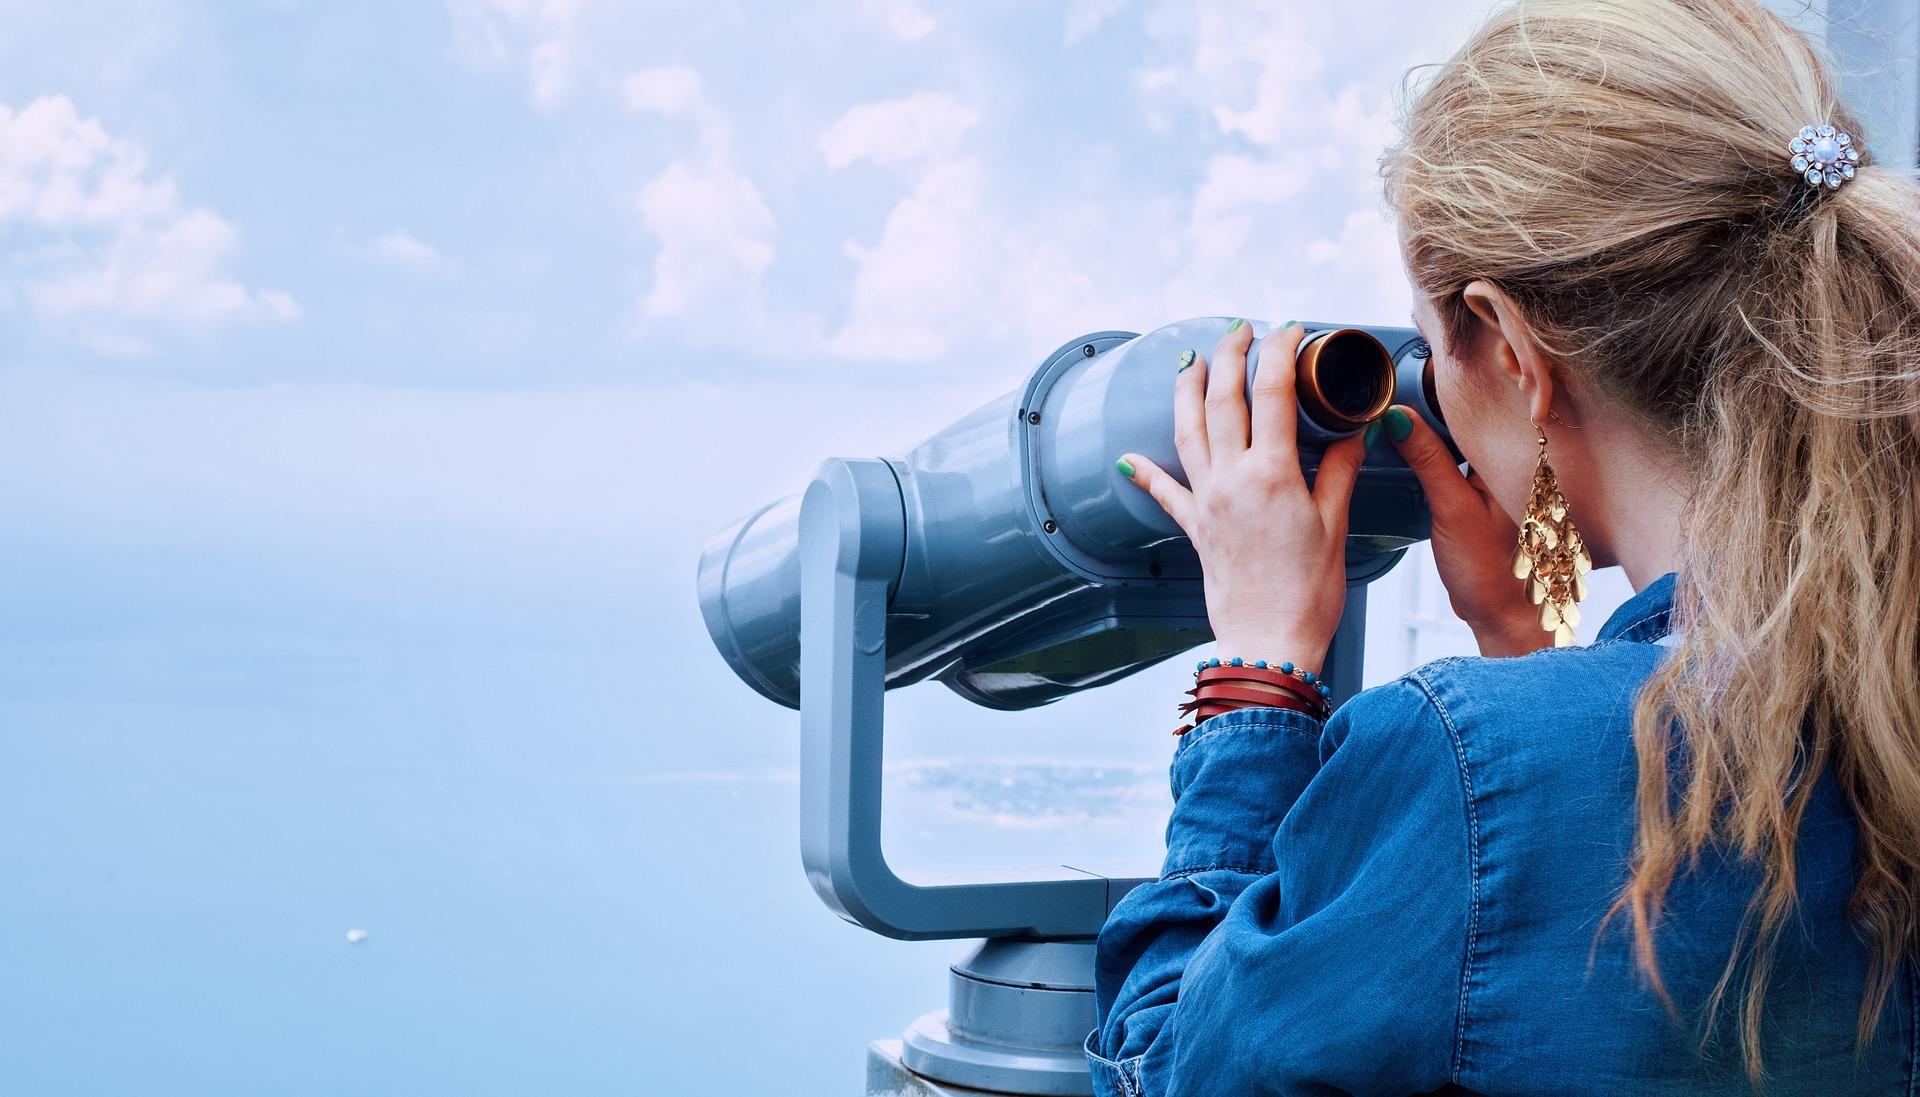 Das Bild zeigt eine junge Frau, die durch ein Fernglas sieht.